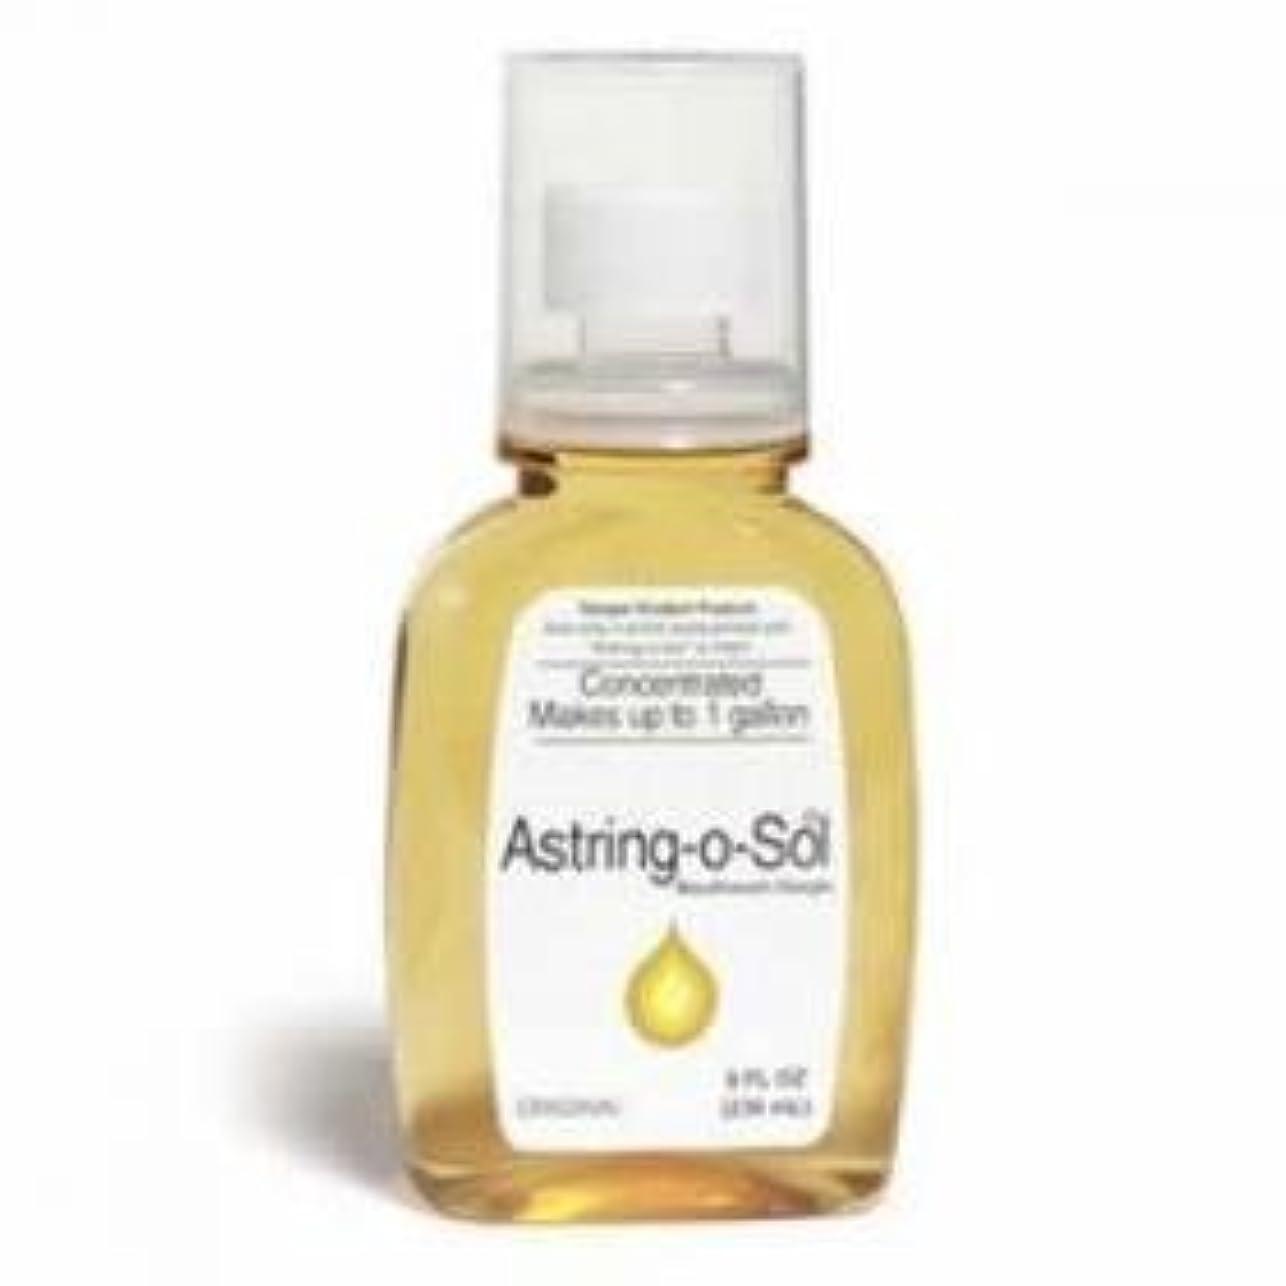 カブ保安一致するAstring-O-Sol Concentrated Mouthwash/Gargle, Original - 8 oz Each (PACK OF 3) by ASTRING-O-SOL [並行輸入品]